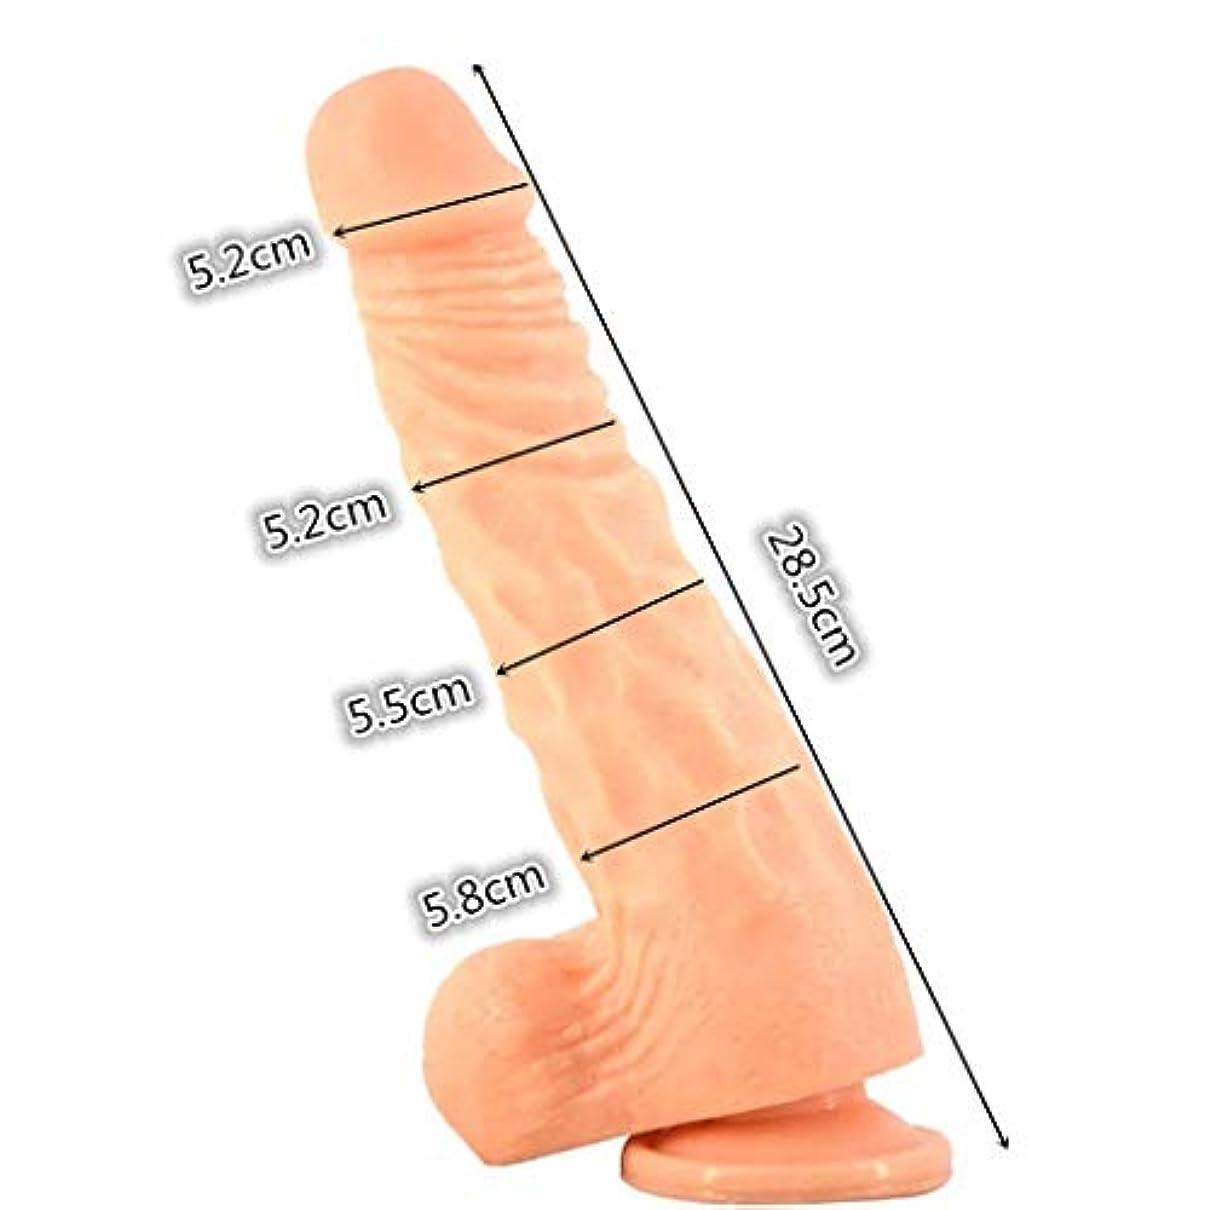 インテリア親密なデッキLRXQ ブラウンメディカルシリコーン人工ペニス11.22インチユニバーサルアナルプラグG-ポイント刺激マッサージスティックのために男性と女性簡単に運ぶために T-shirt ( Color : Flesh )